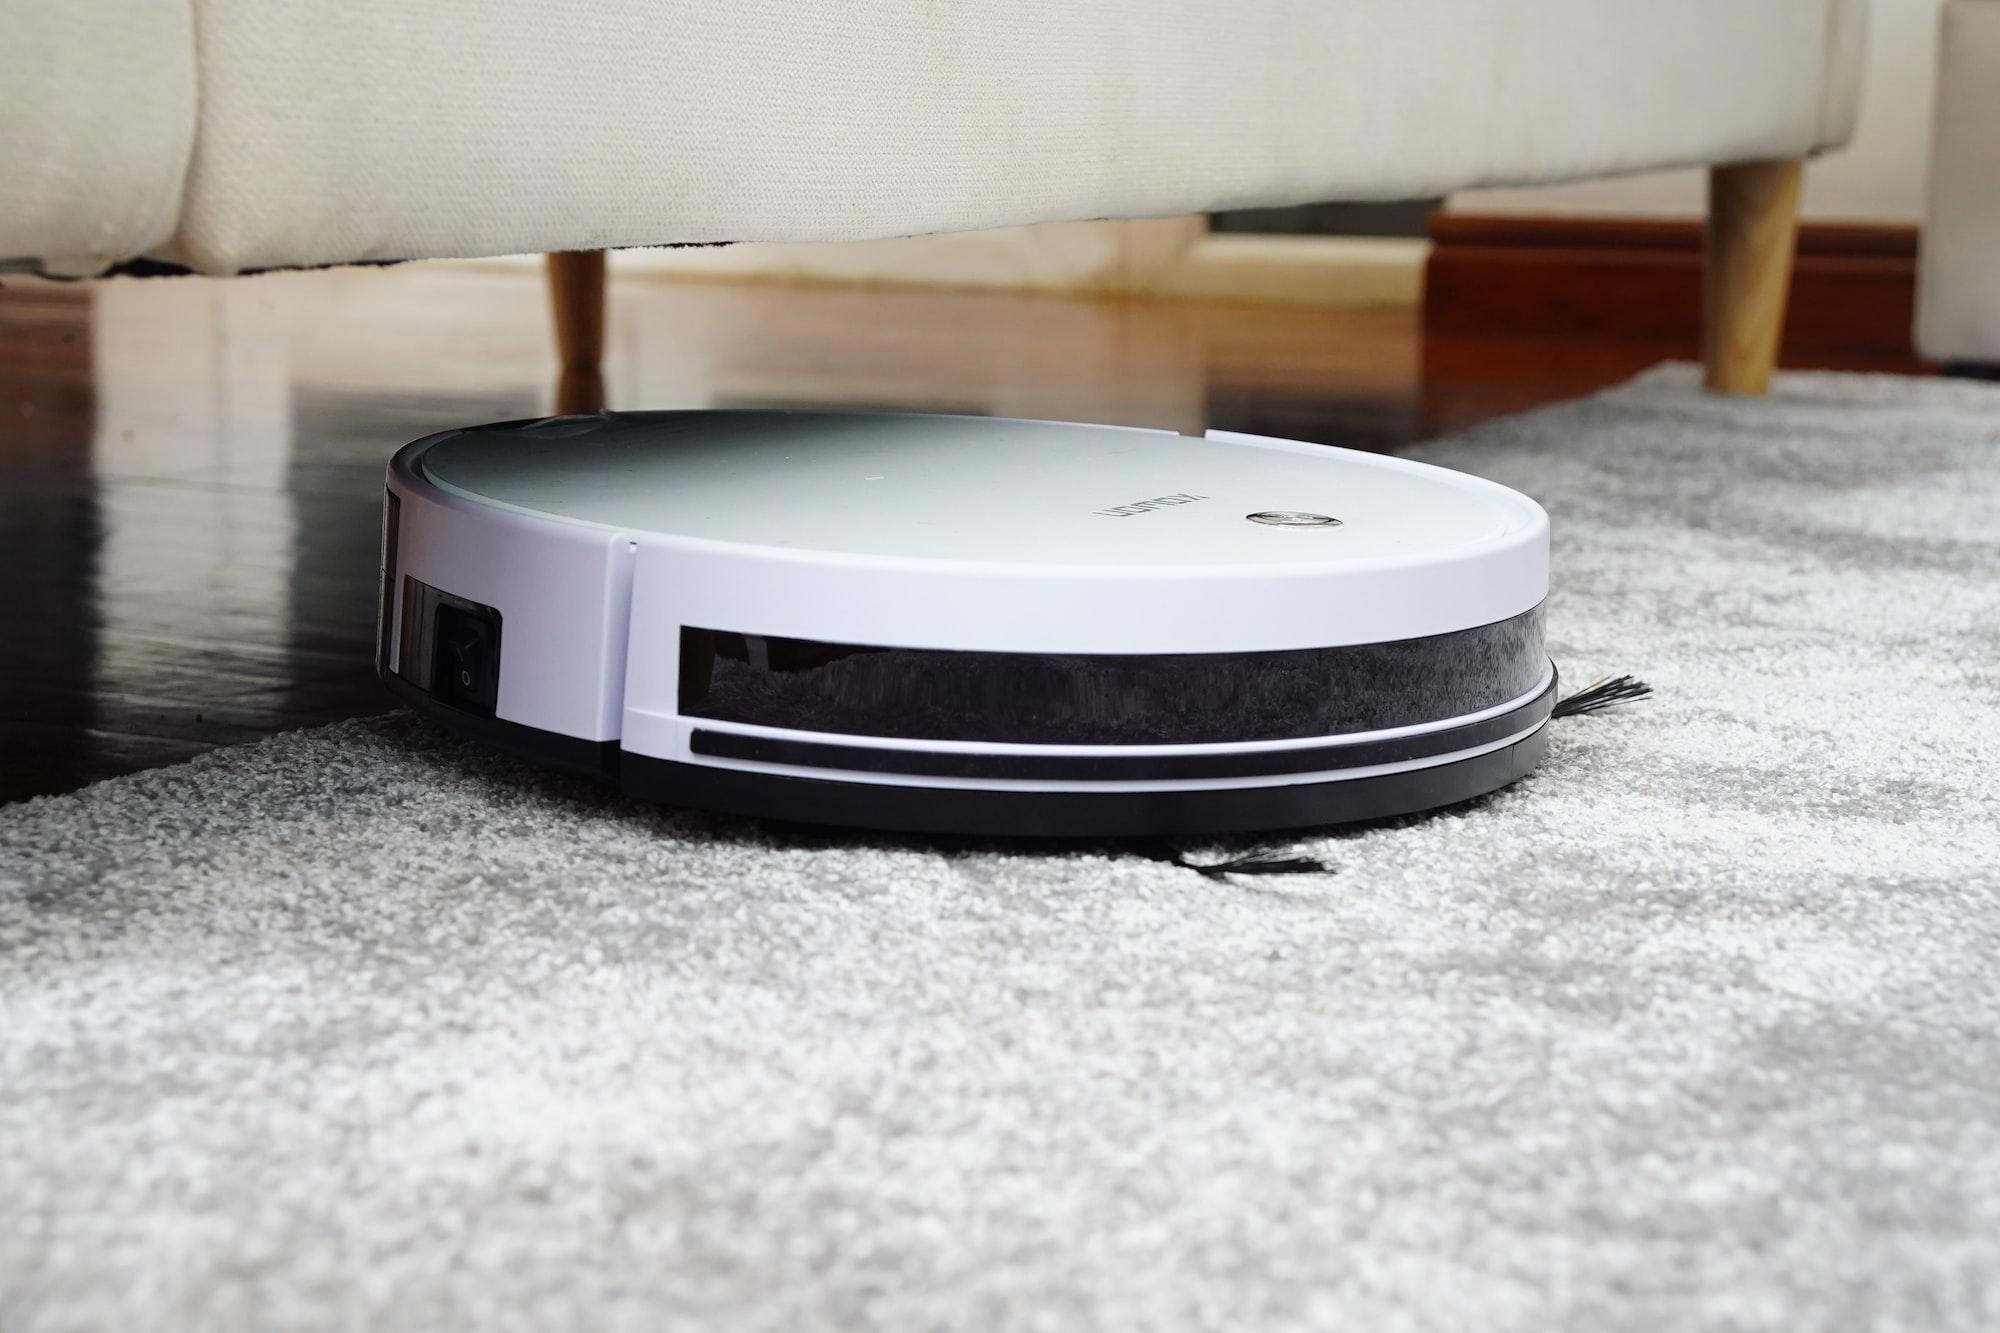 스마트 스피커와 로봇 청소기